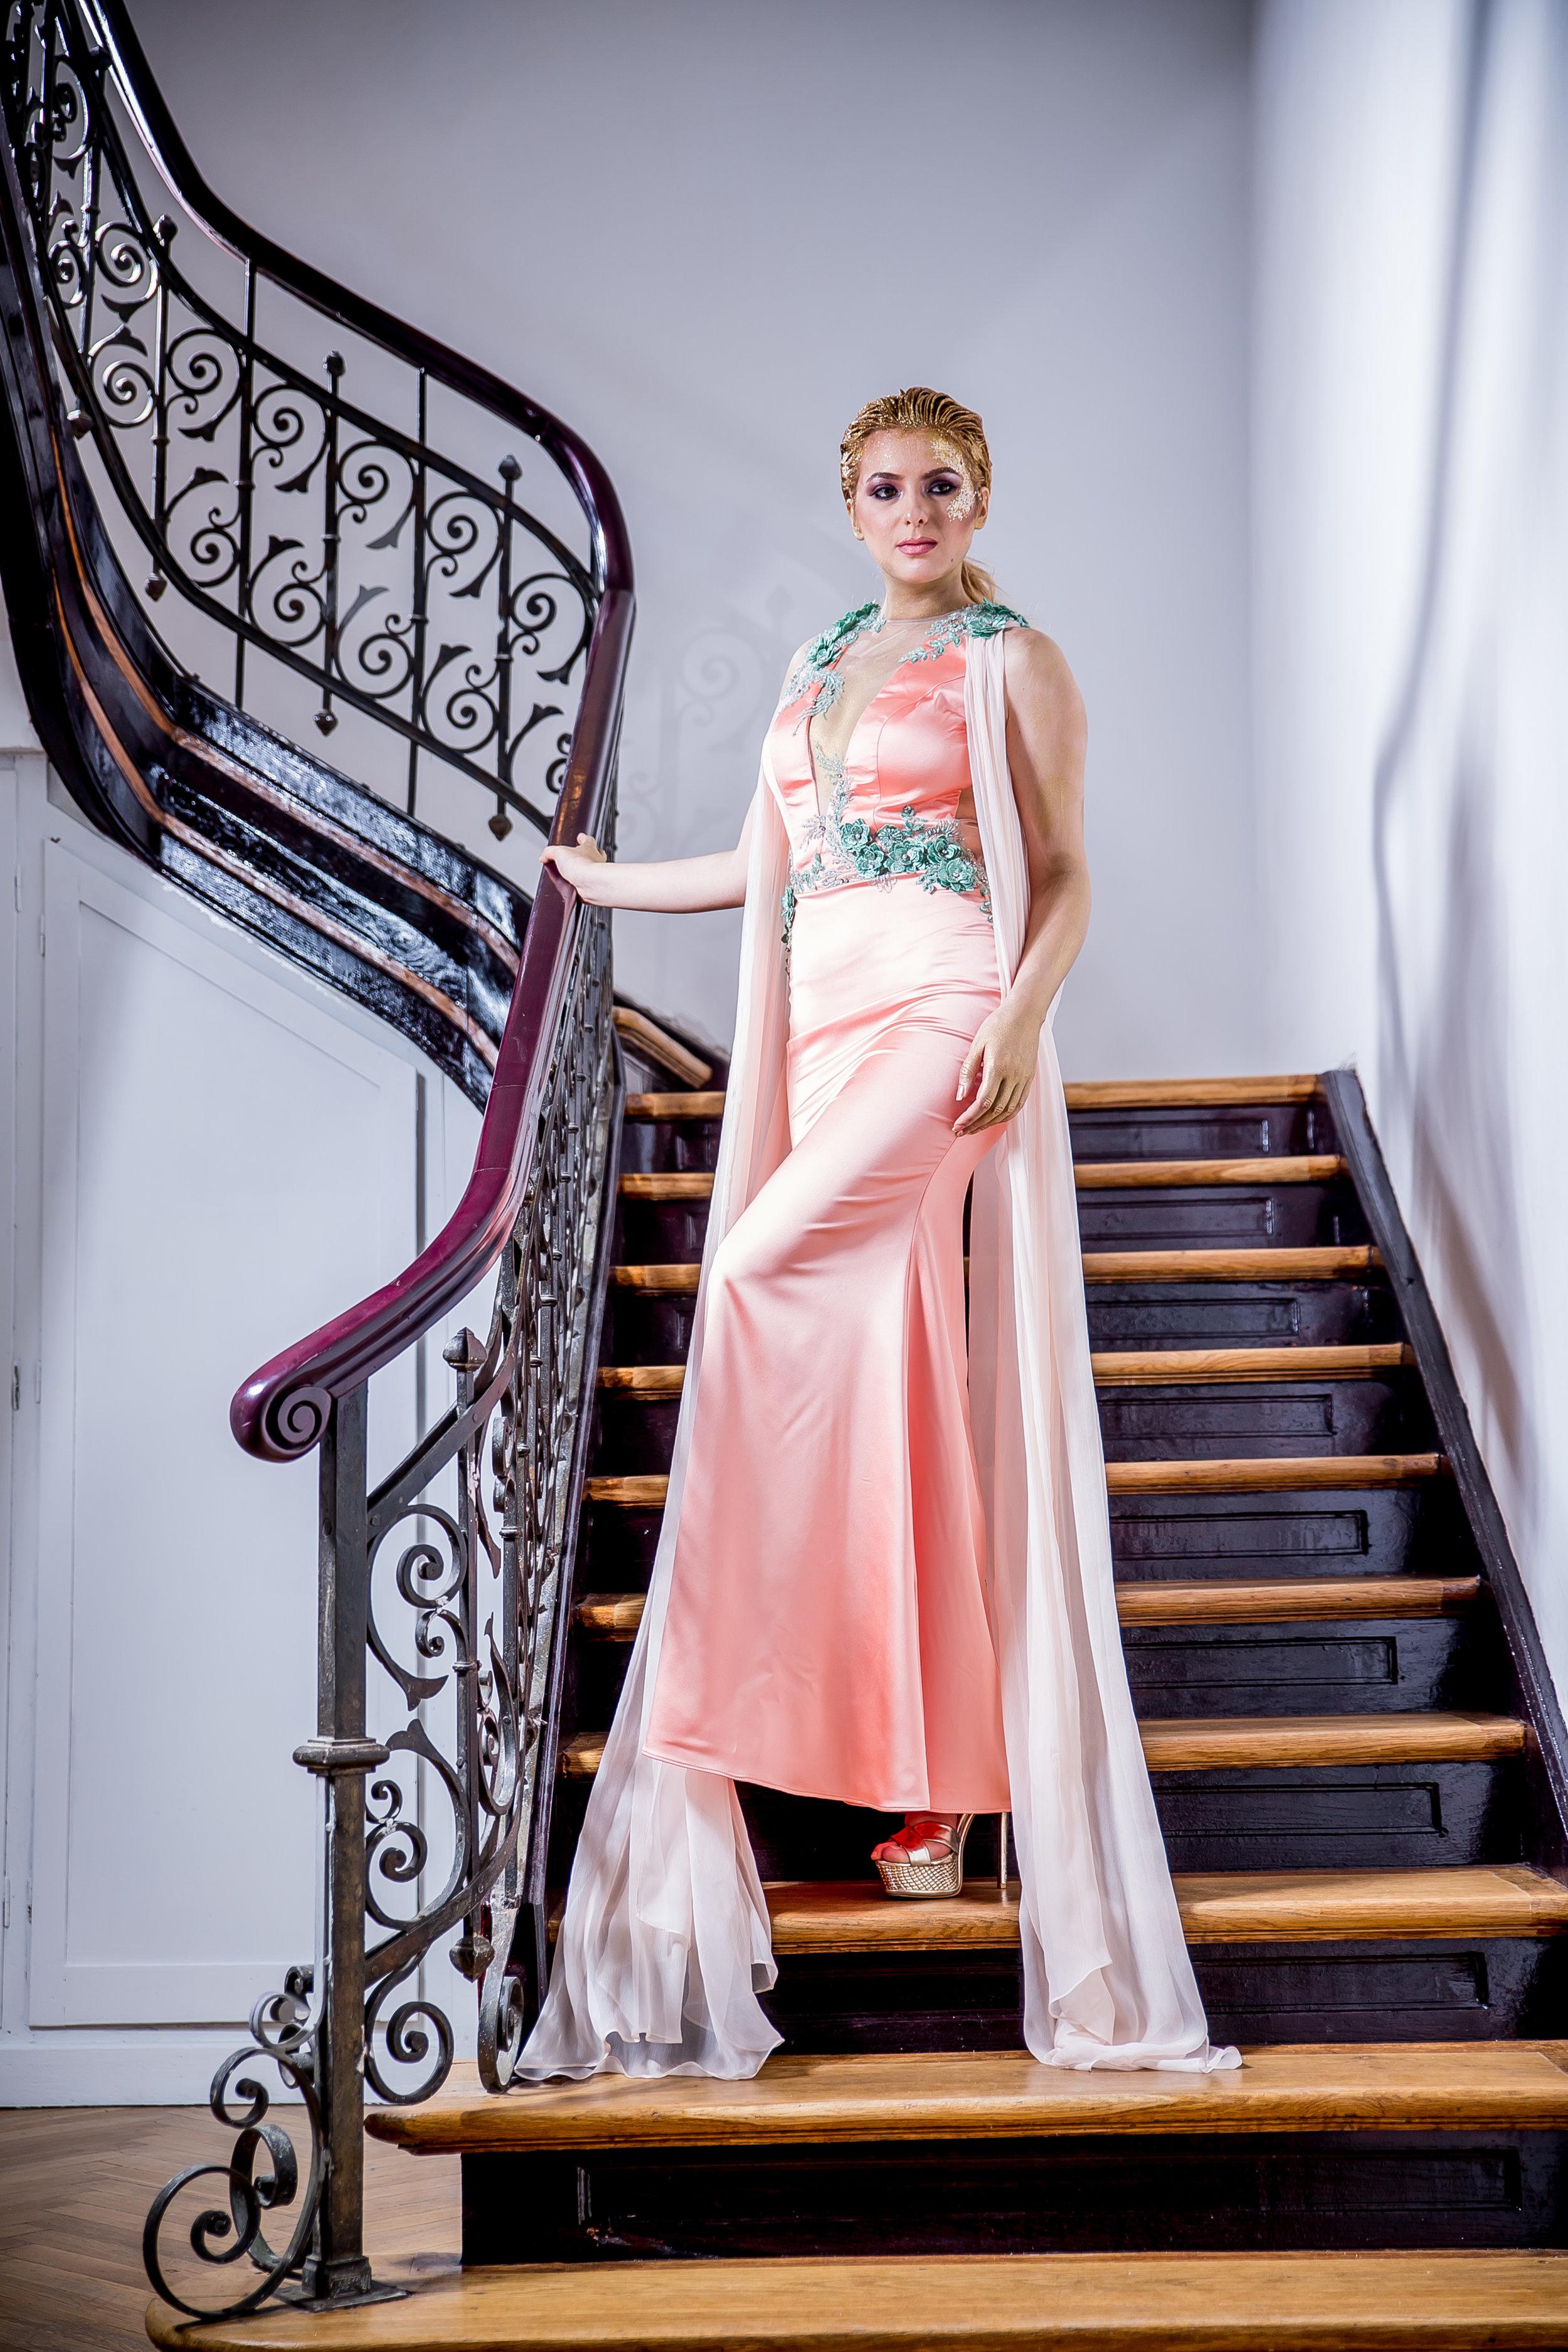 evening dress Fashion by Laina - style 14 ANA TAF006 (4).jpg